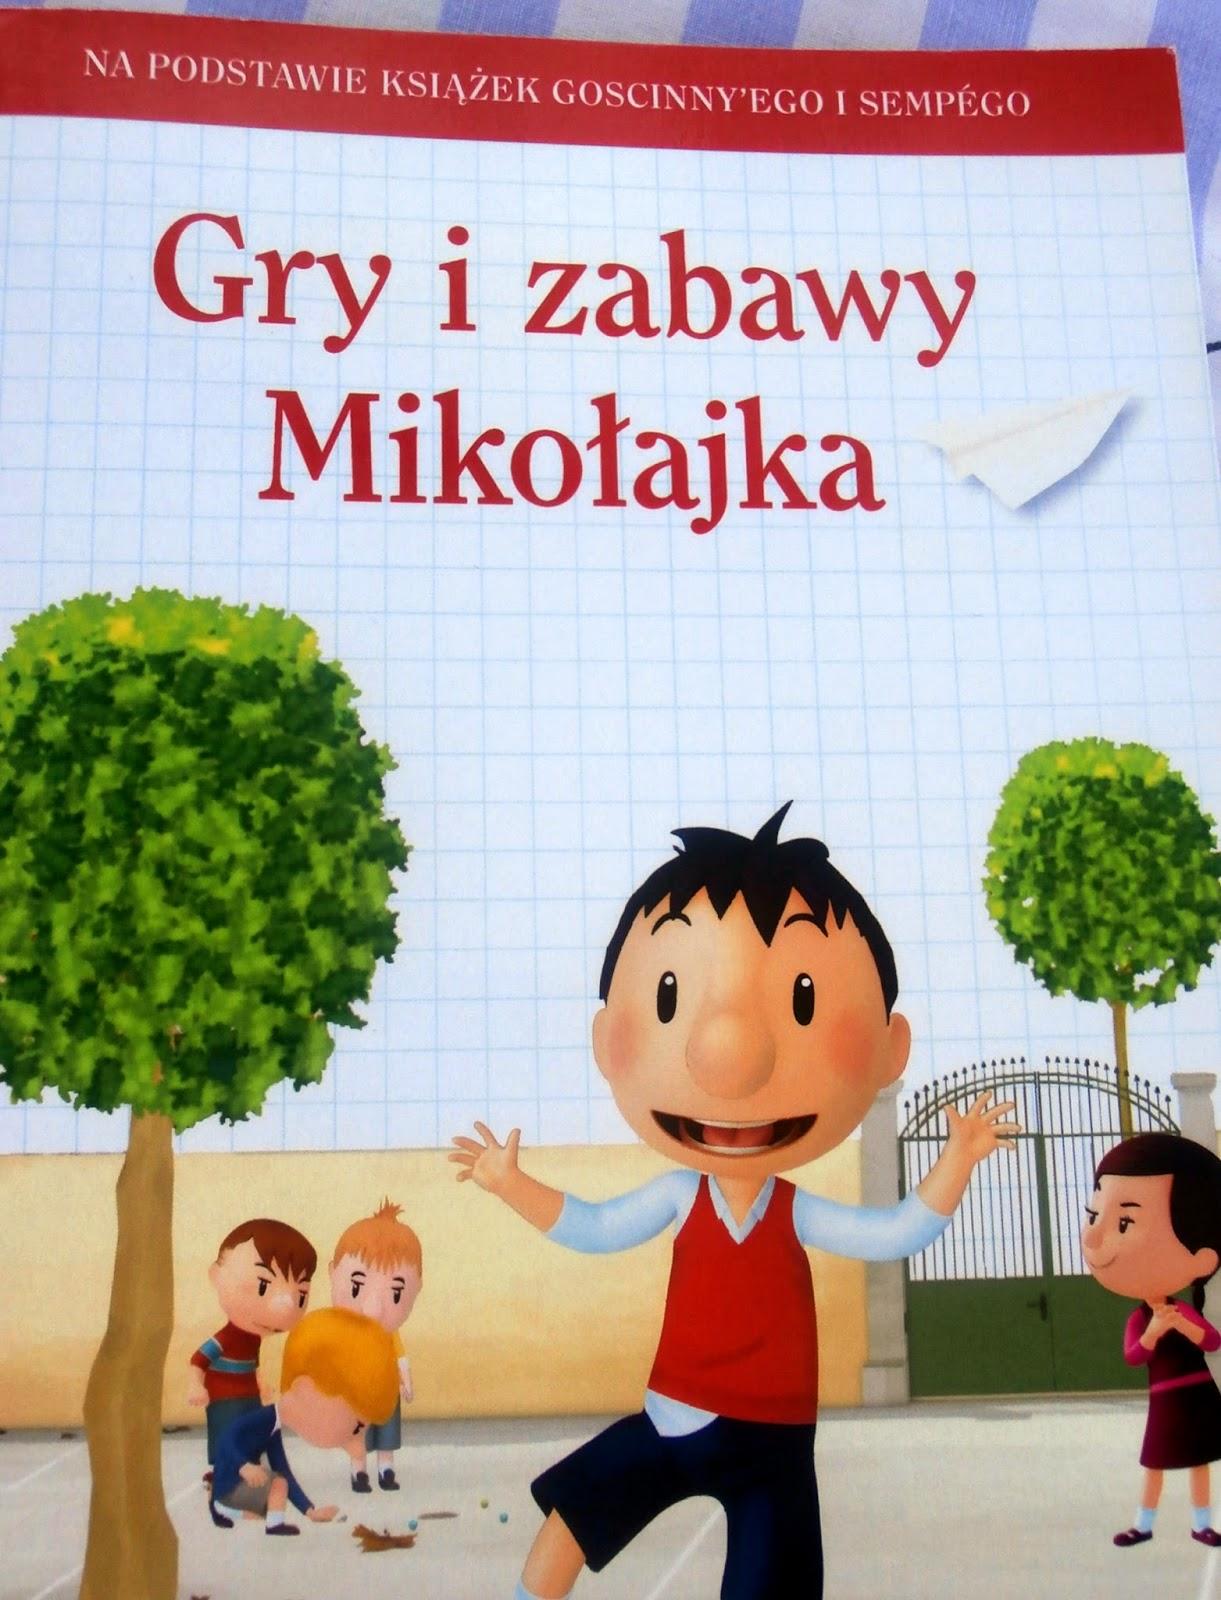 Gry i zabawy Mikołajka.